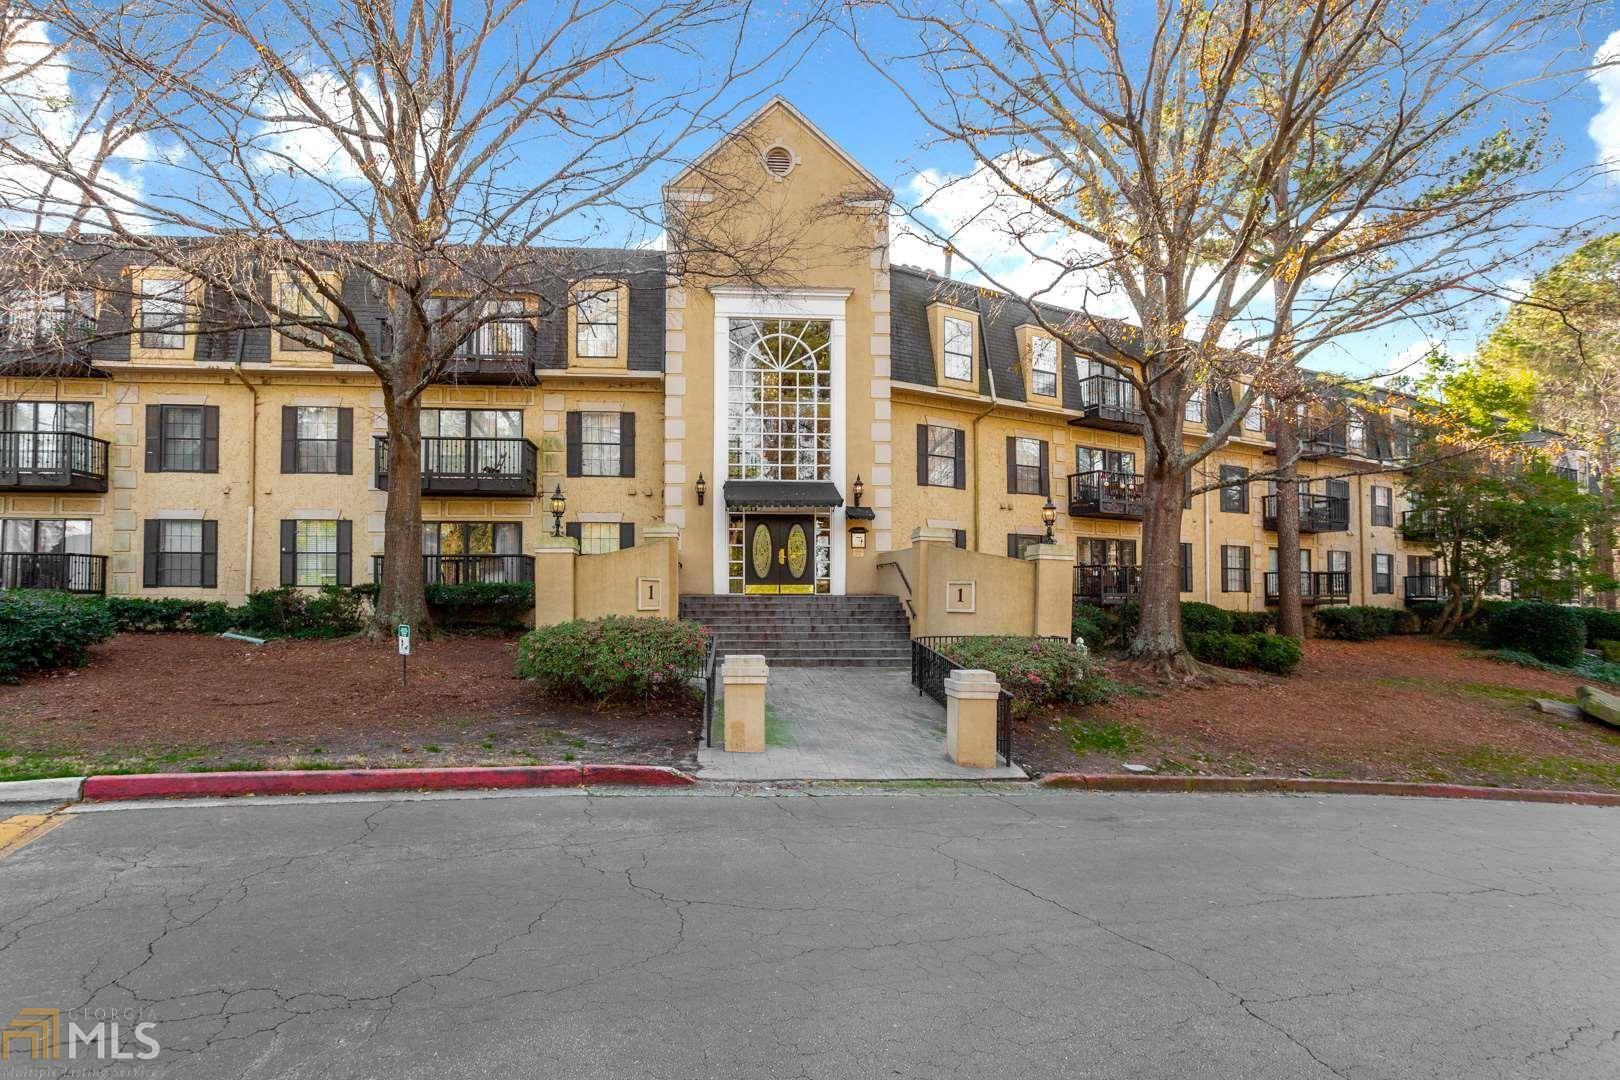 1305 Pine Heights Dr, Atlanta, GA 30324 - MLS#: 8902548